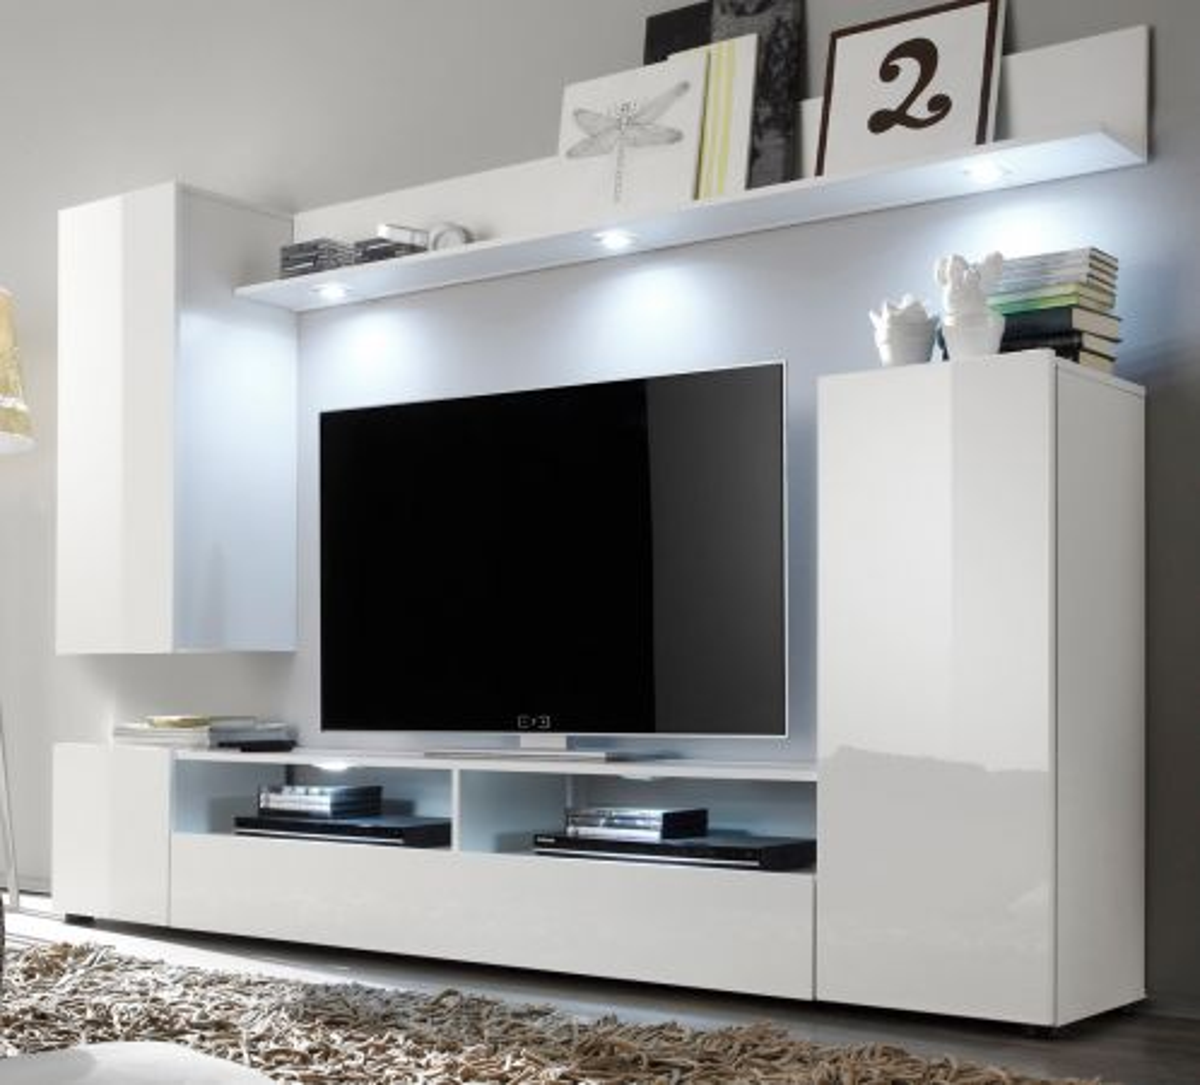 Wohnwand Medienwand Dos in weiss Hochglanz 208 cm Fernsehschrank bis 55